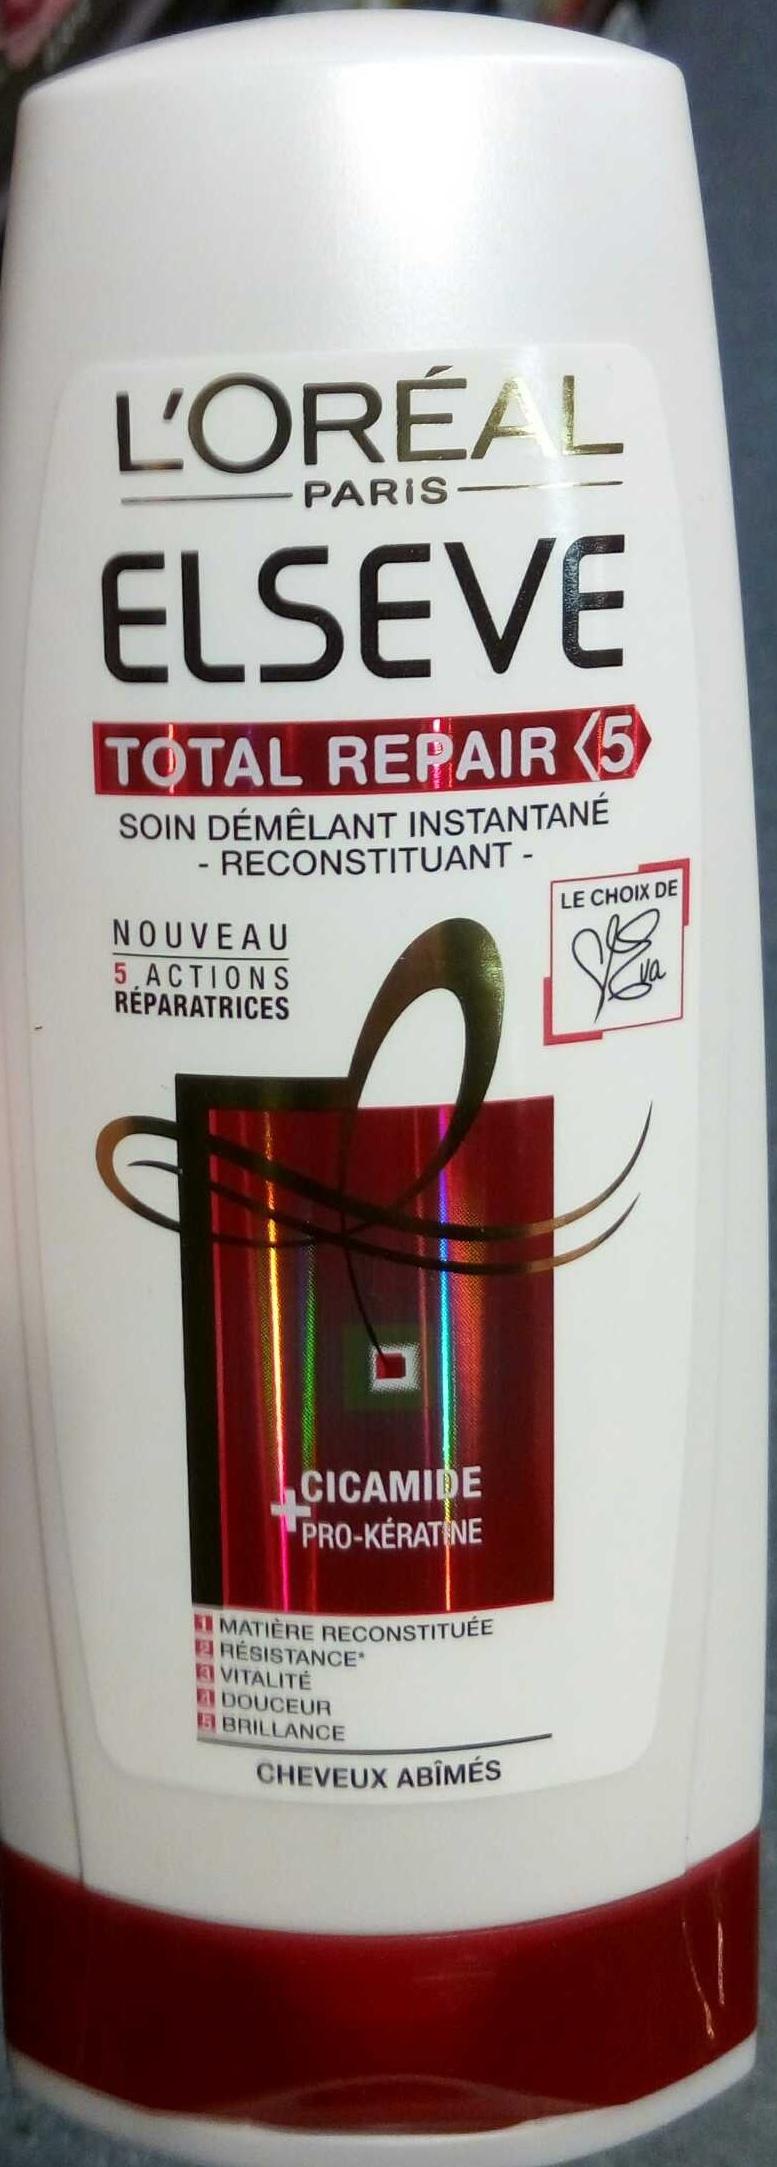 Total Repair 5 Soin démêlant instantané reconstituant Cicamide + Pro-Kératine - Product - fr